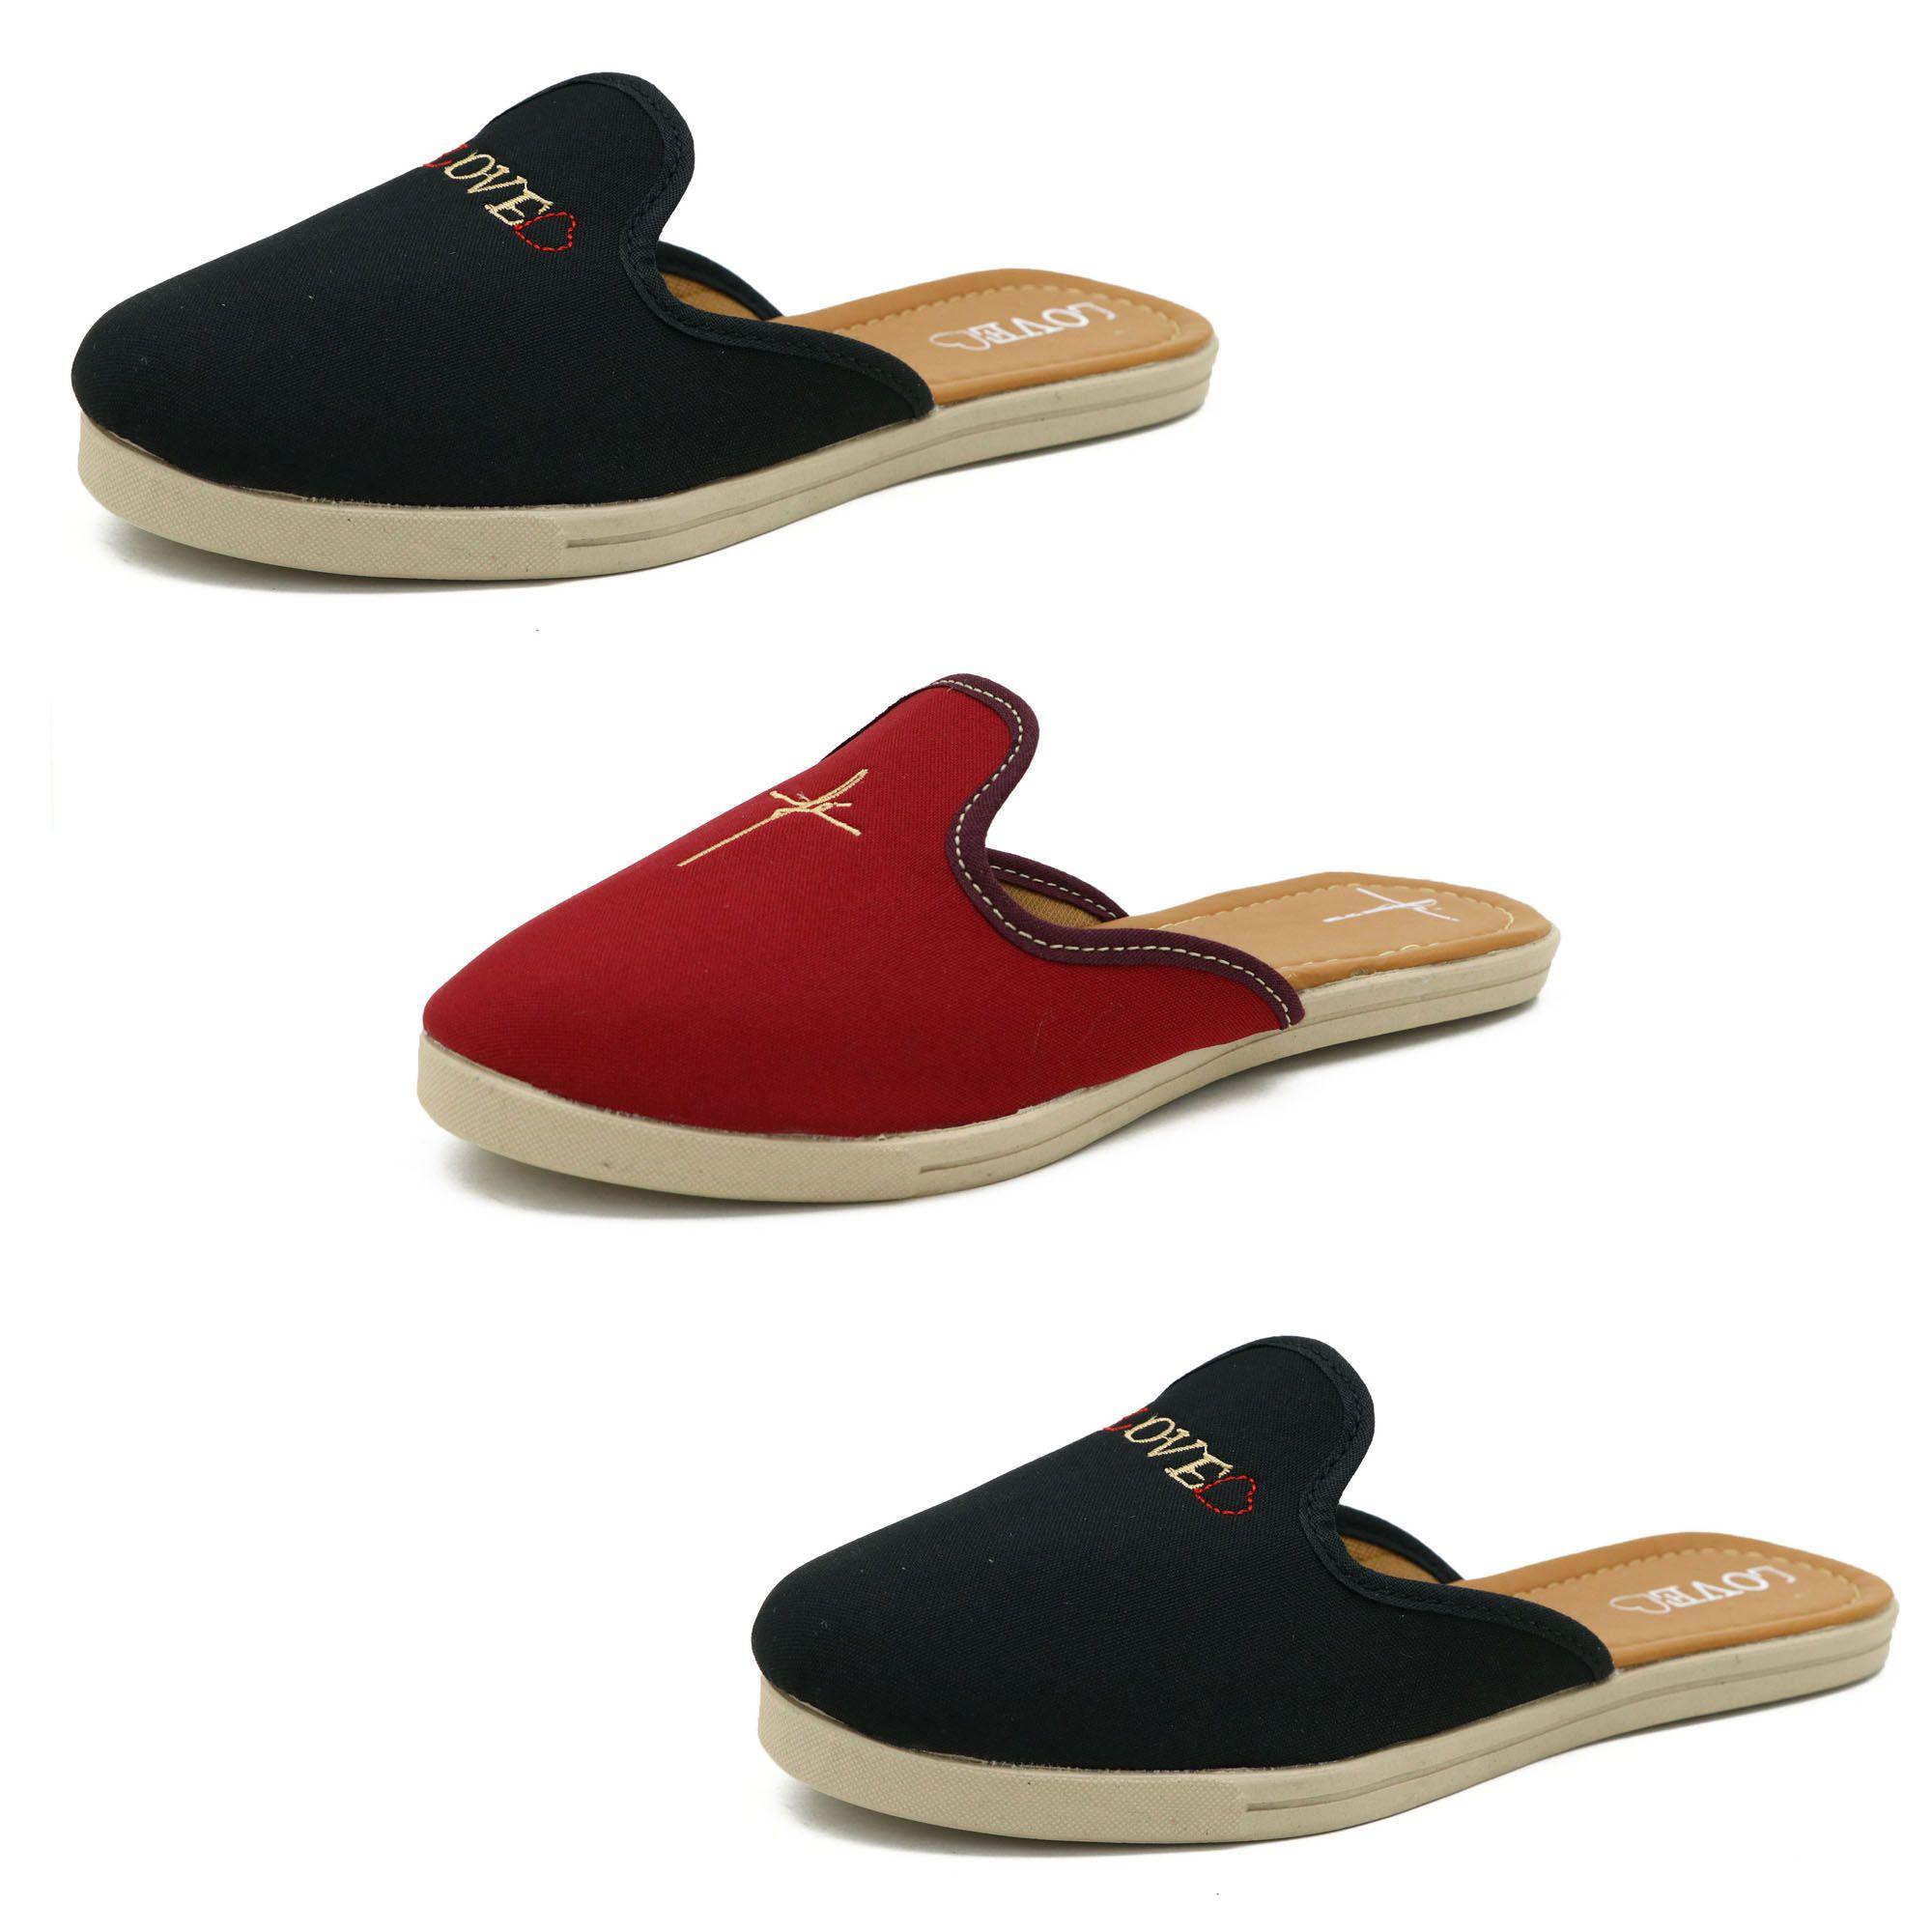 Kit de 3 pares sapatilhas feminina moda evangélica 28000